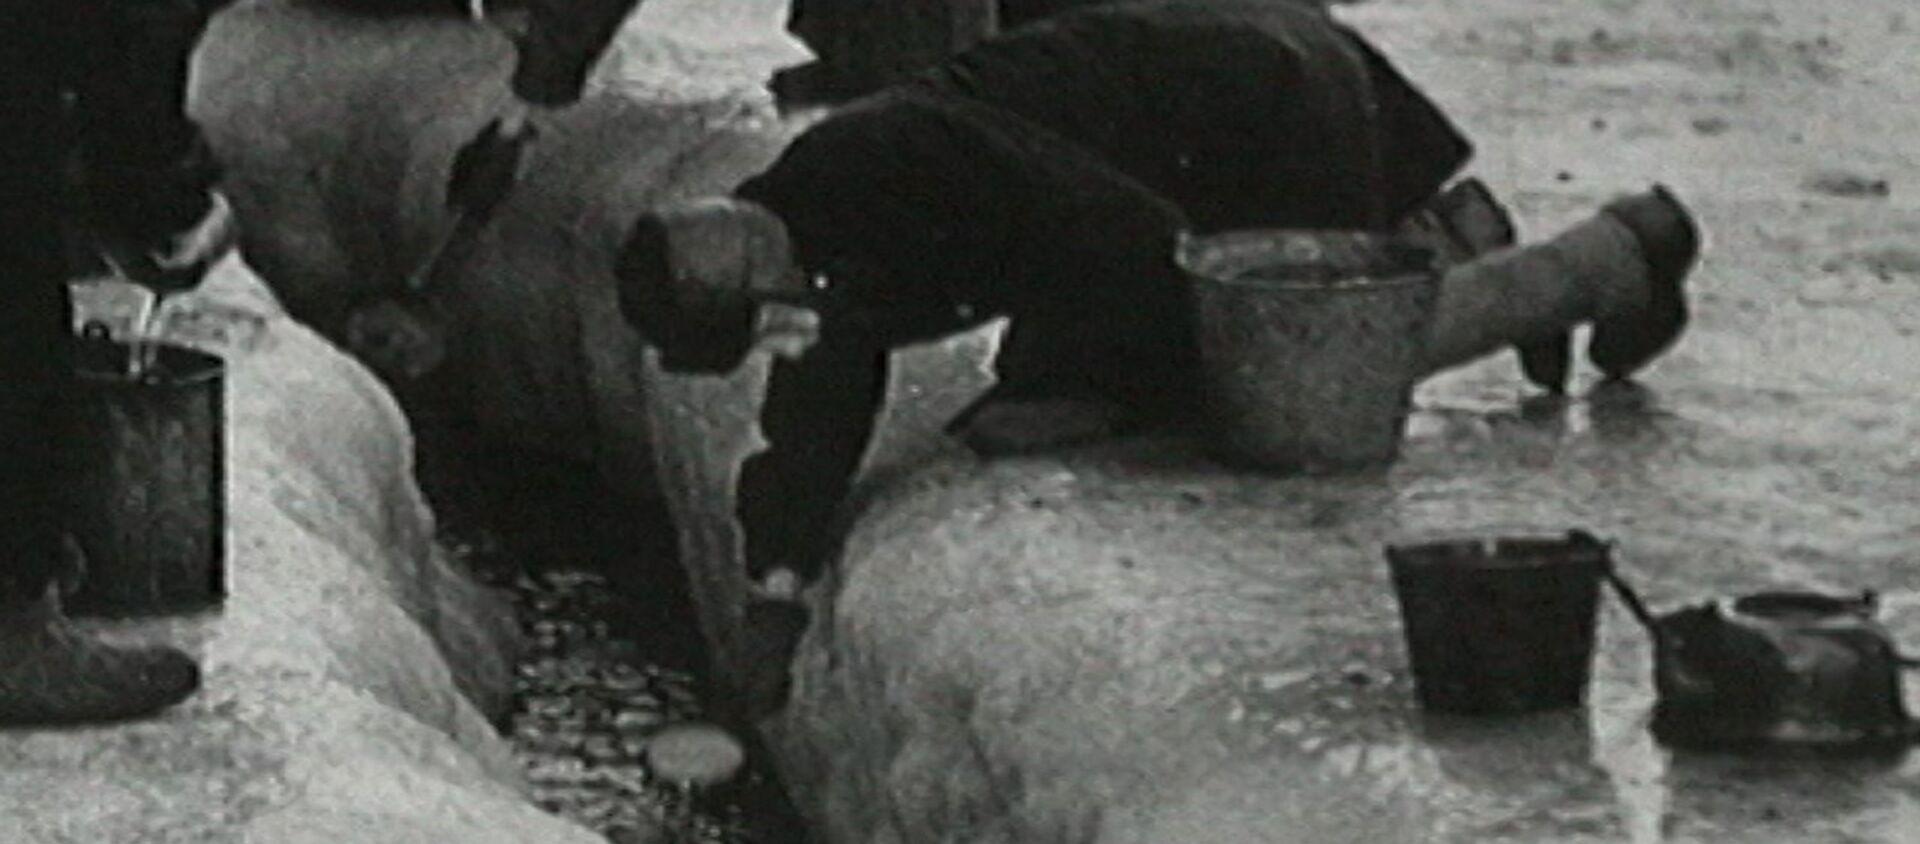 როგორ გადარჩა ქალაქი ნევაზე. ლენინგრადის ბლოკადა საარქივო კადრებში - Sputnik საქართველო, 1920, 22.06.2021